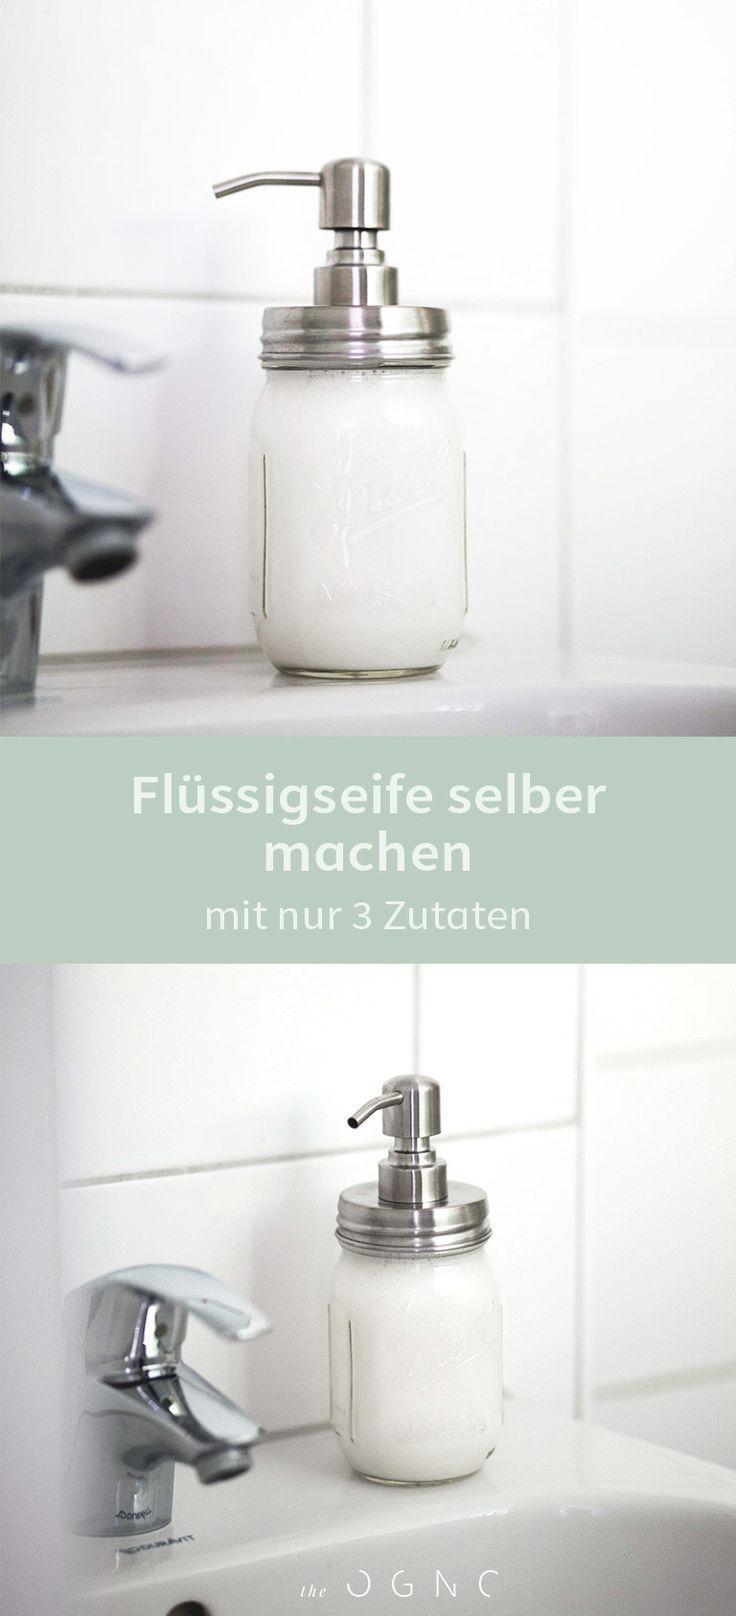 nachhaltigkeit im badezimmer fl ssigseife selber machen zero waste allgemeine tipps und. Black Bedroom Furniture Sets. Home Design Ideas